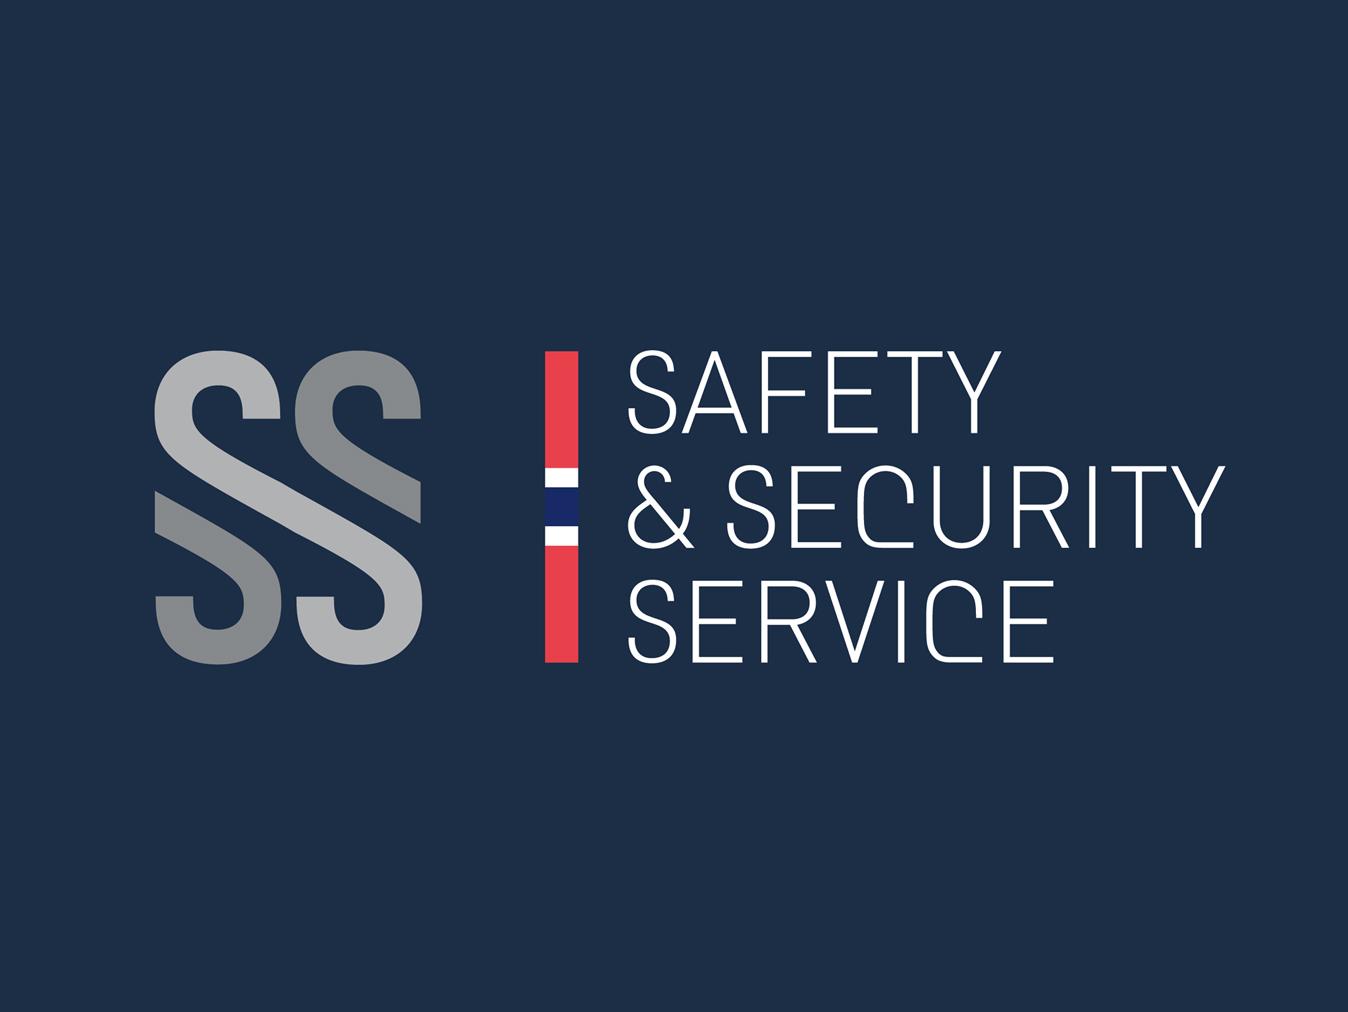 SSS_logo.jpg